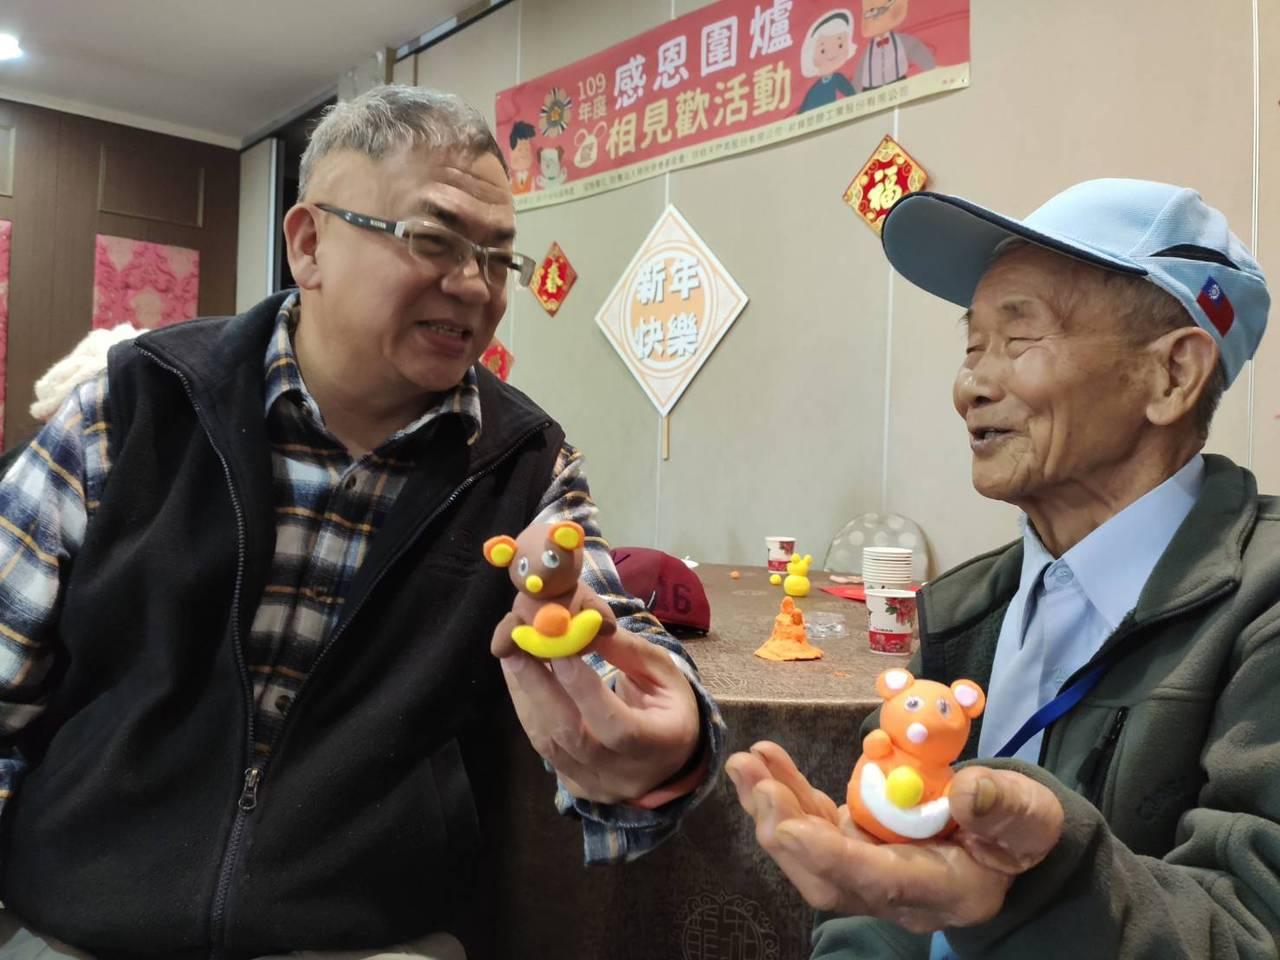 60歲阮慶華(左)公務員退休後投入認養人與志工,4年來已服務上百位榮民榮眷。 ...